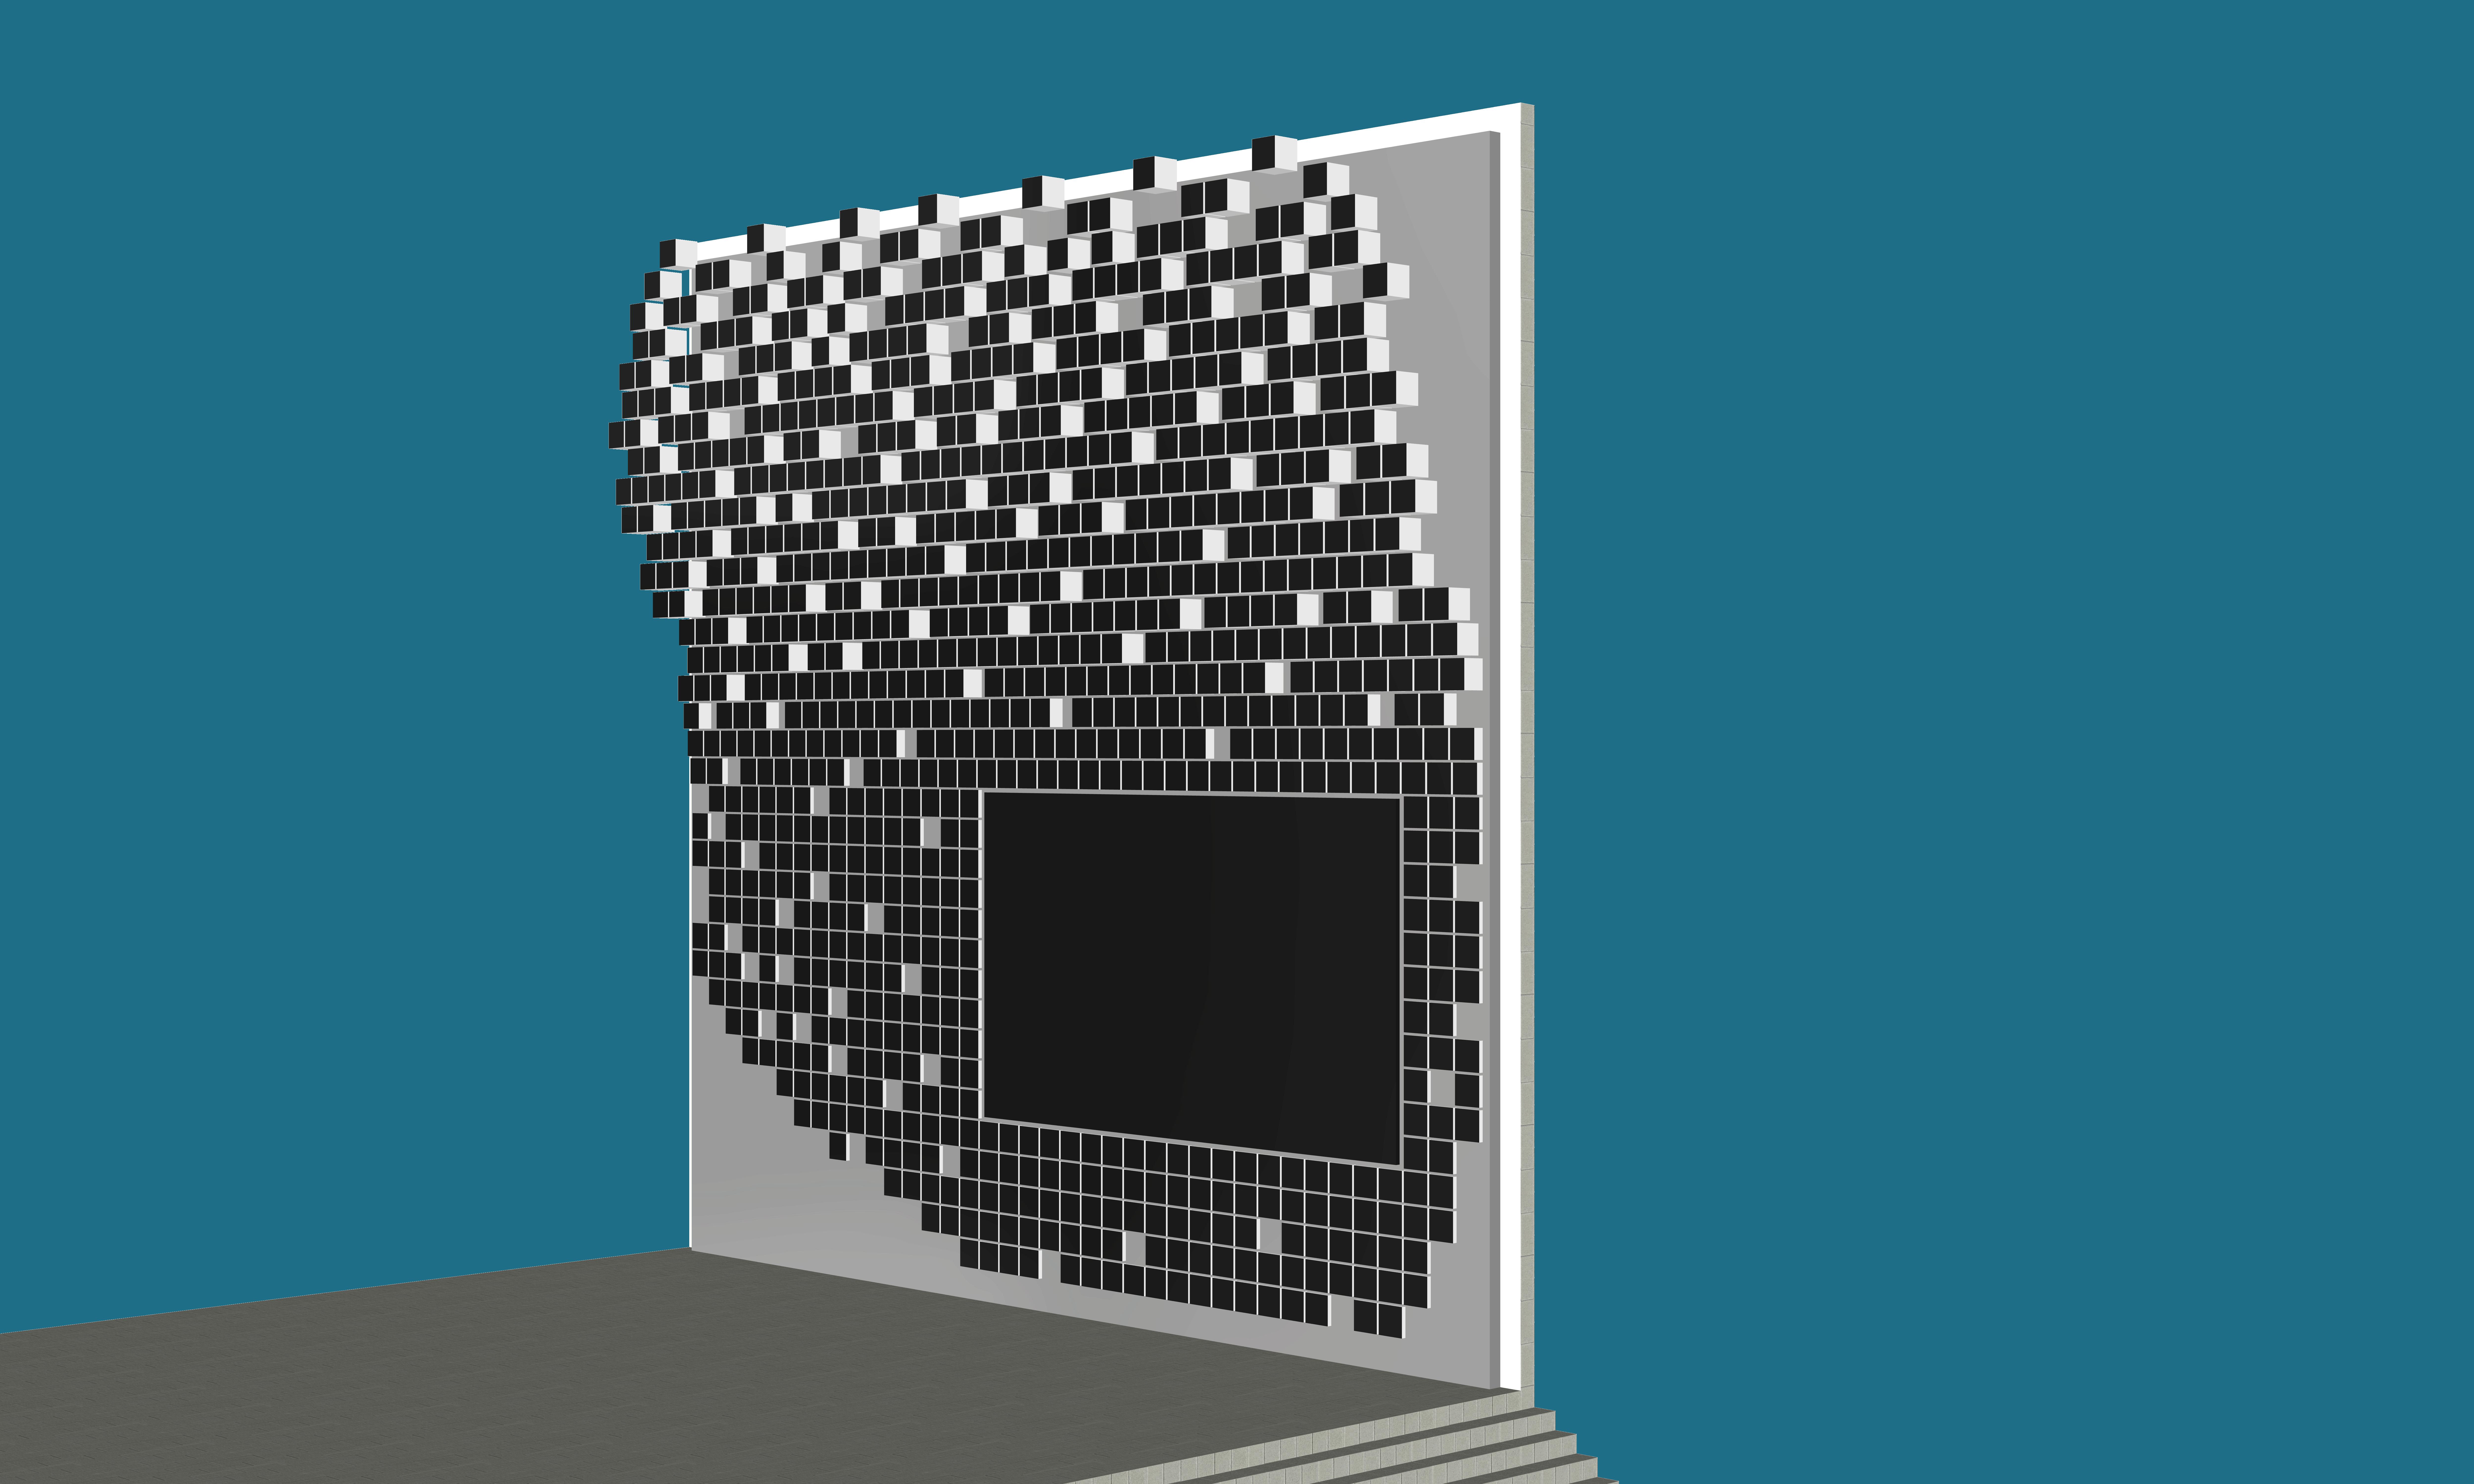 Entwurfs-Ansicht einer neuen LED-Videoinstallation in der Perspektive